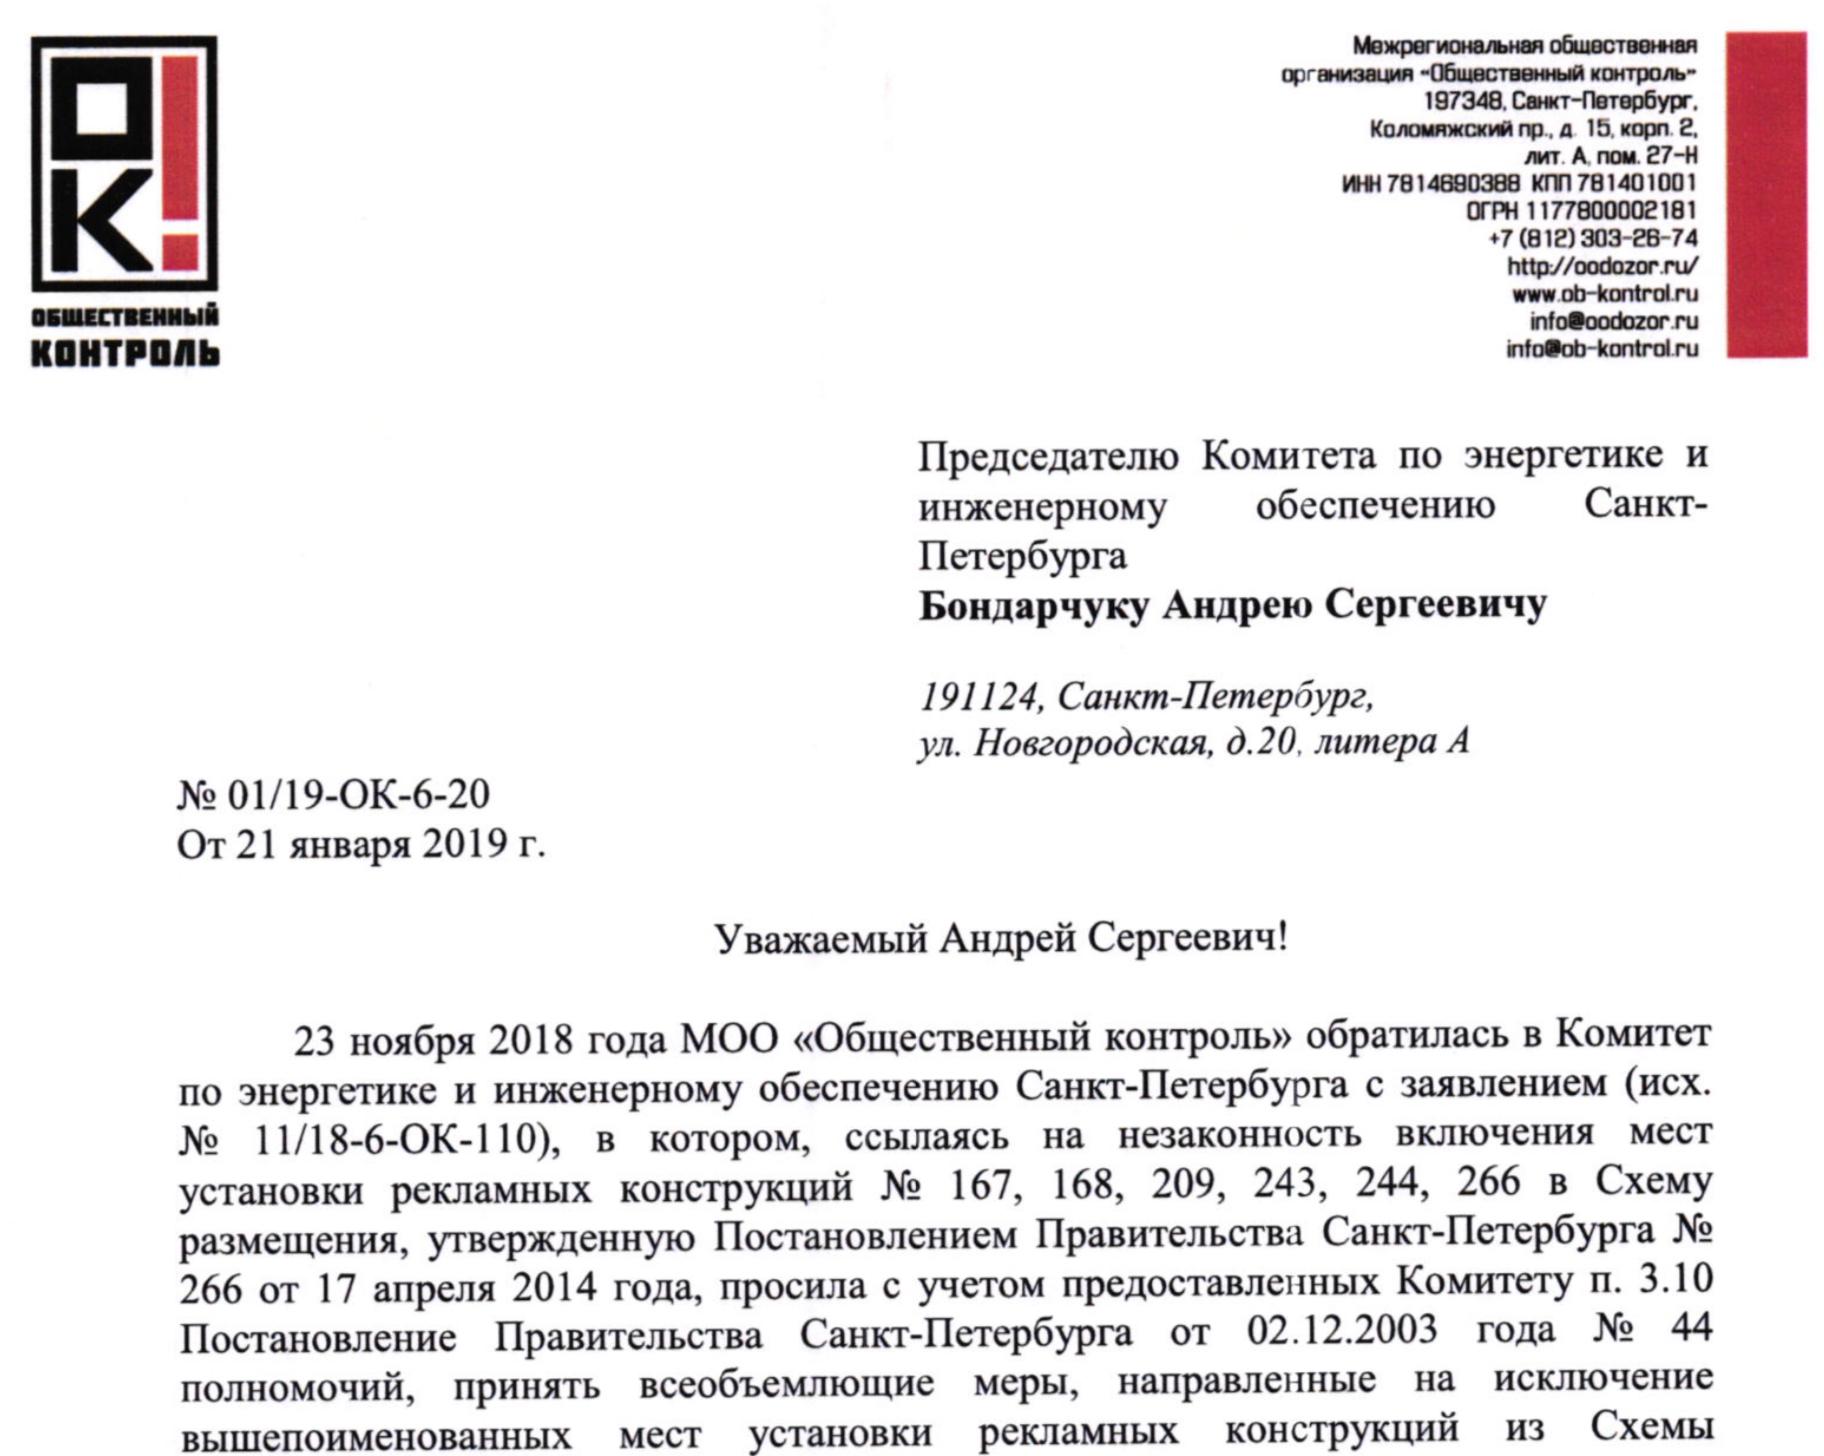 Председателю Комитета по энергетике и инженерному обеспечению Санкт-Петербурга